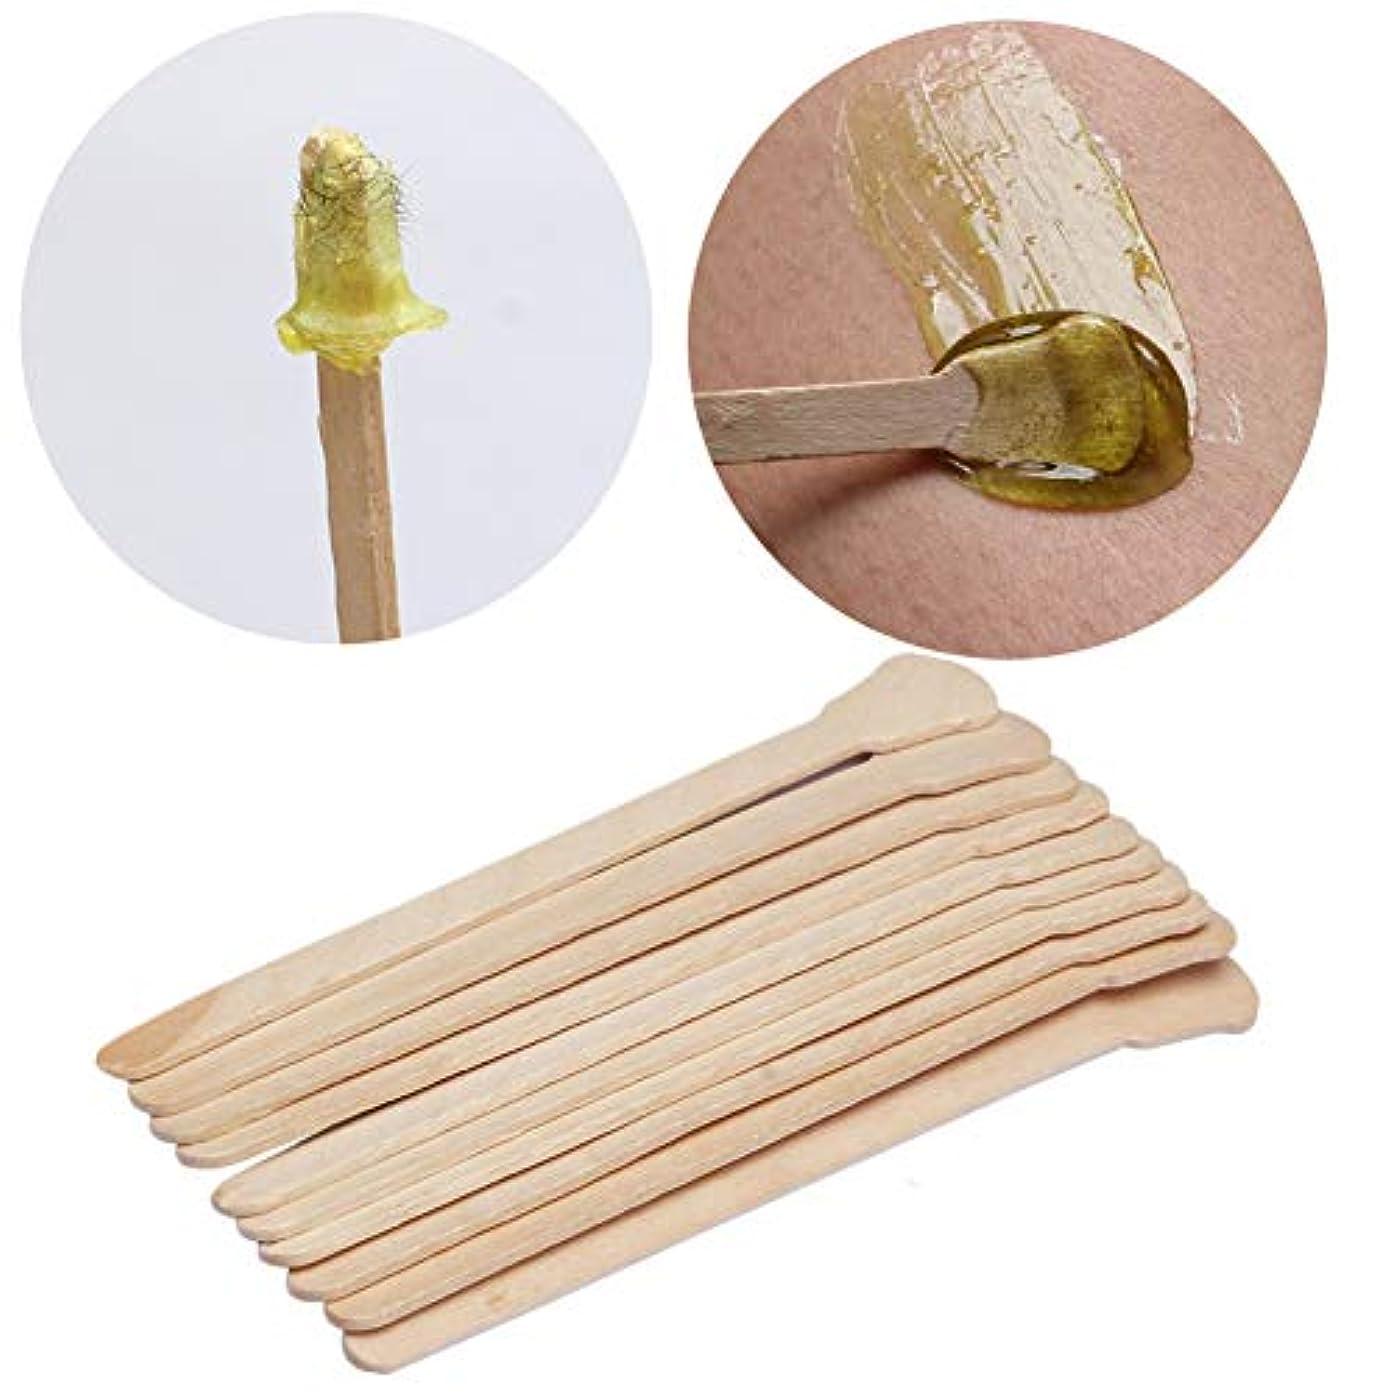 抑止するテレビ請求可能Kingsie 使い捨て スパチュラ 木製 50本セット 脱毛ワックス用 12.5cm アイススティック棒 化粧品 フェイスマスク、クリームなどをすくい取る際に ワックス脱毛